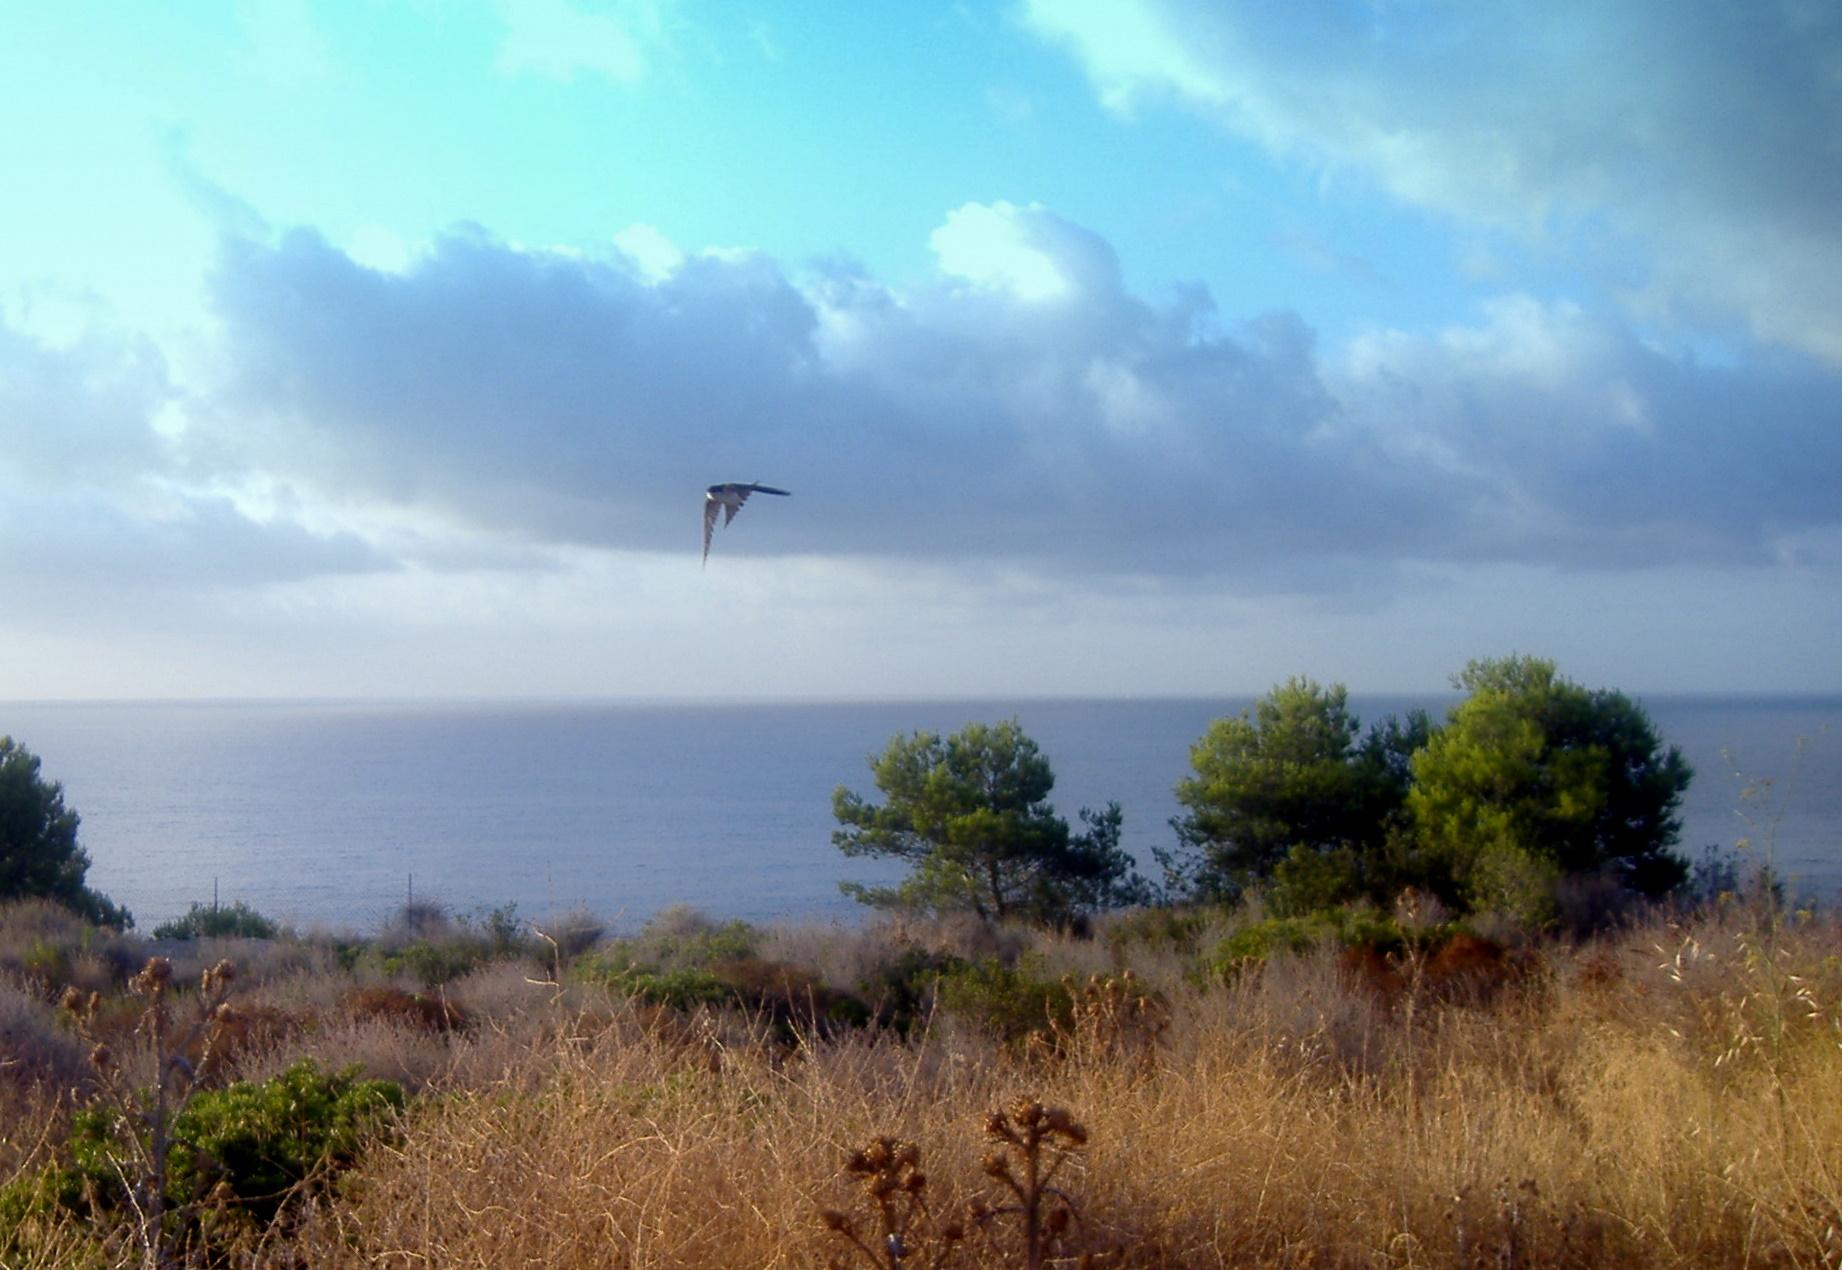 Foto playa El Reguerot de Claveguer. Cree, insiste, se valiente, clama: ¡ _estoy aquí_ !